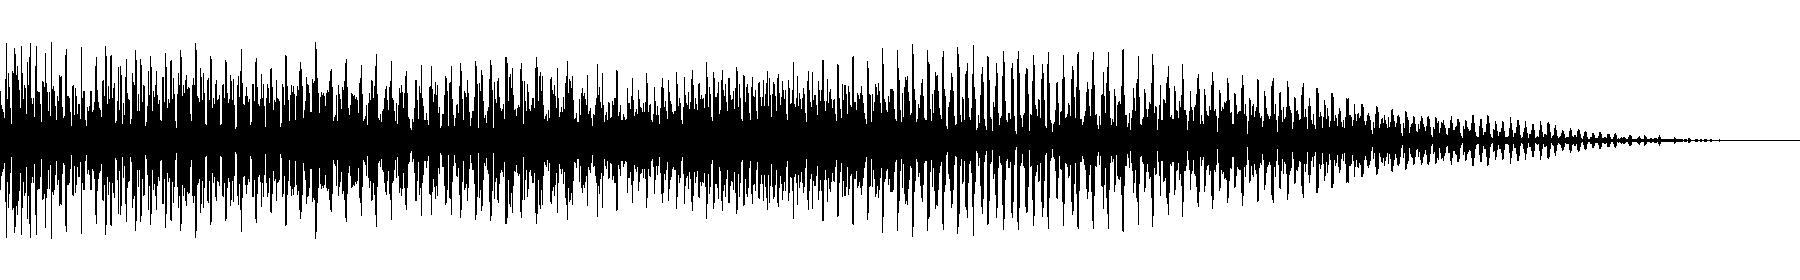 bluezone xworld sound 009